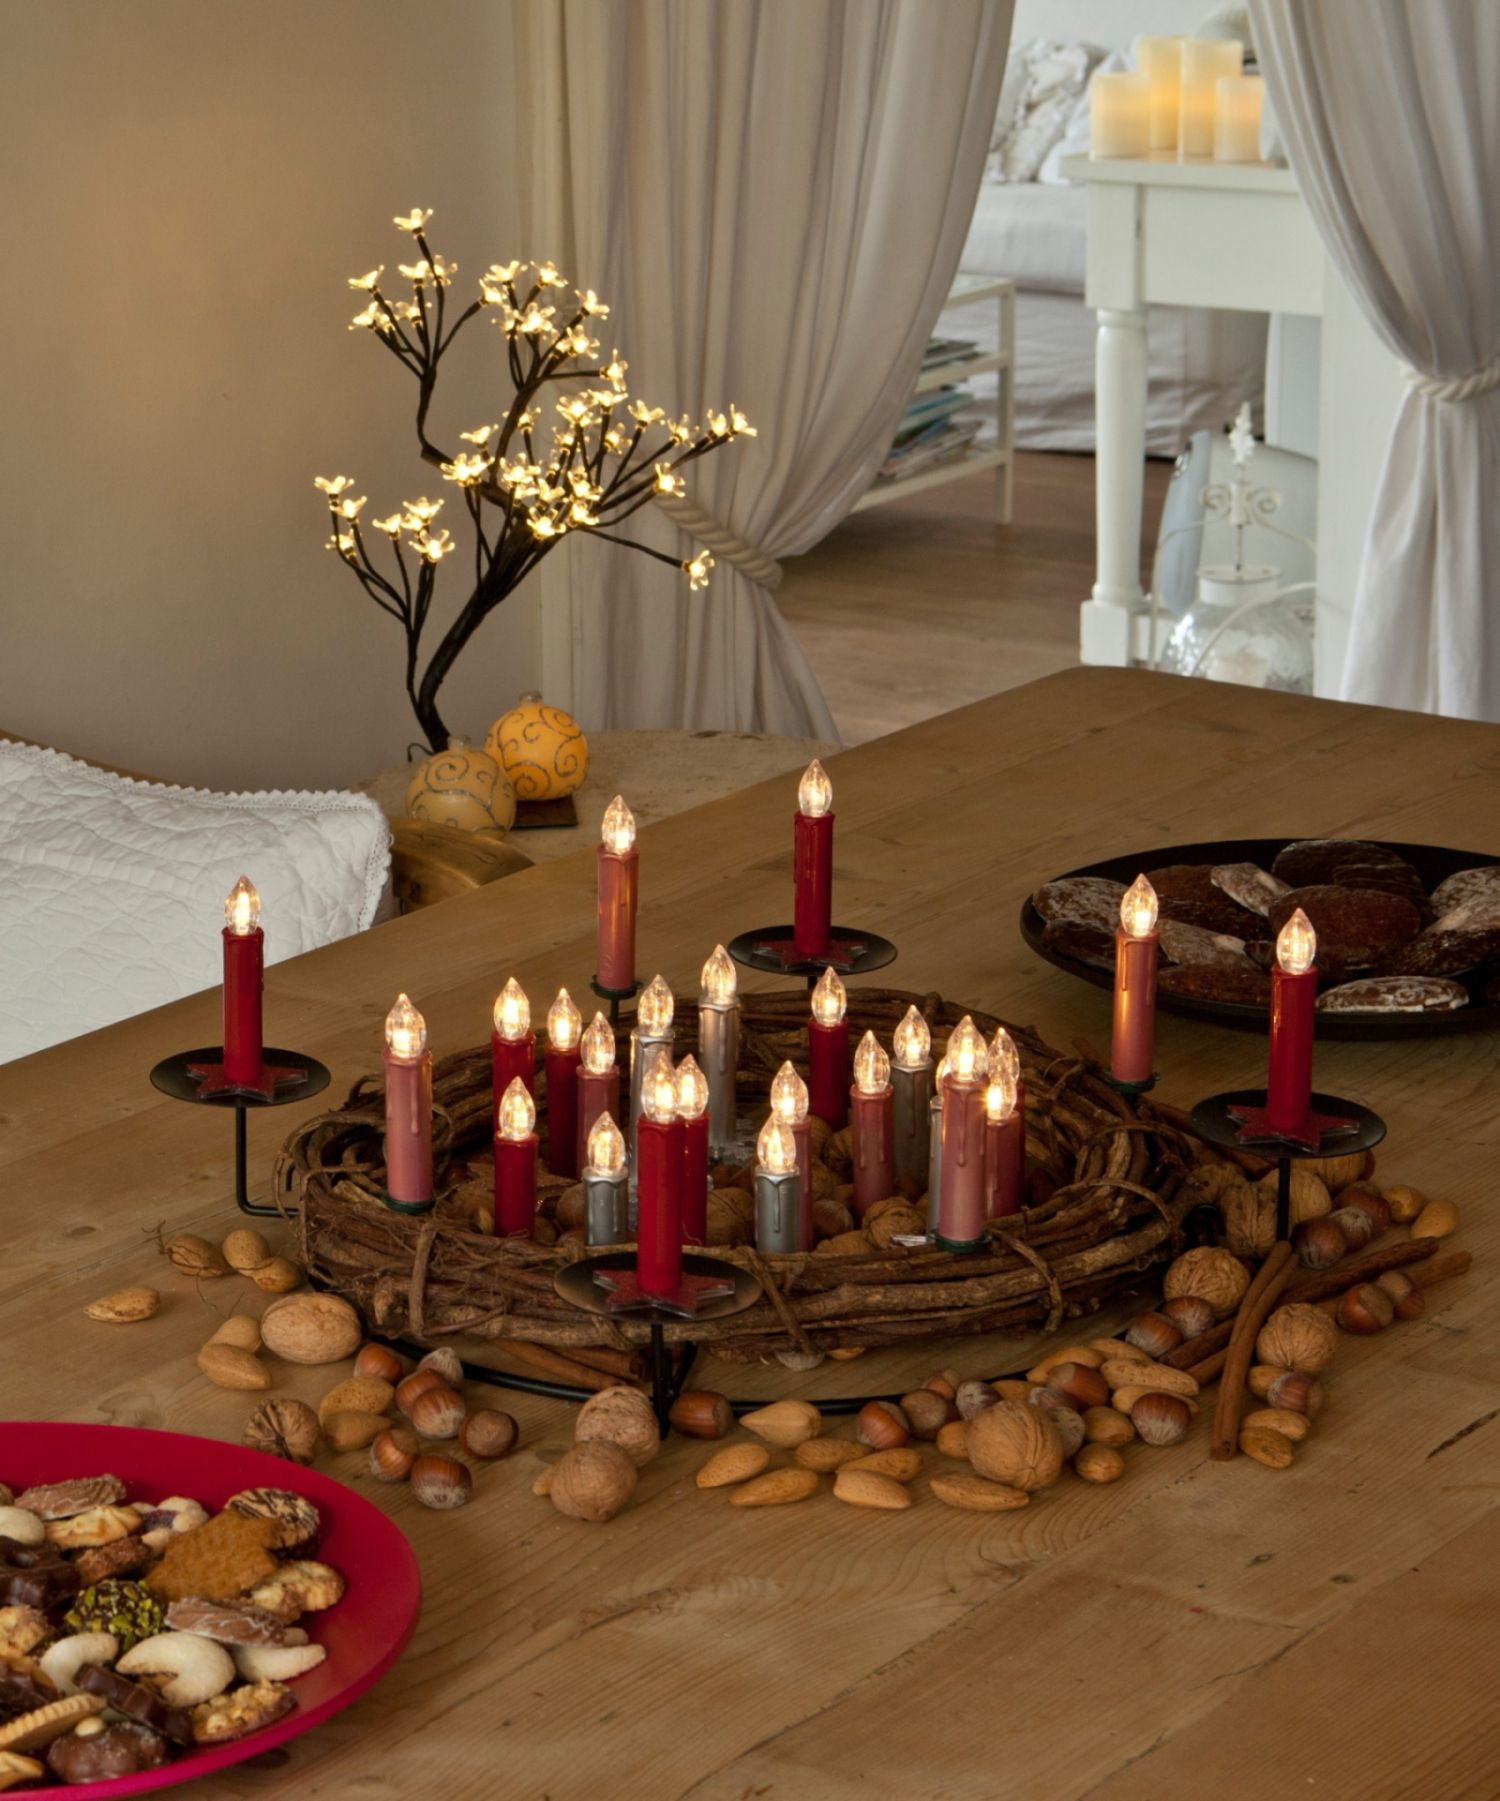 Holen Sie Sich Festliche Beleuchtung Nach Hause Und Das Beste